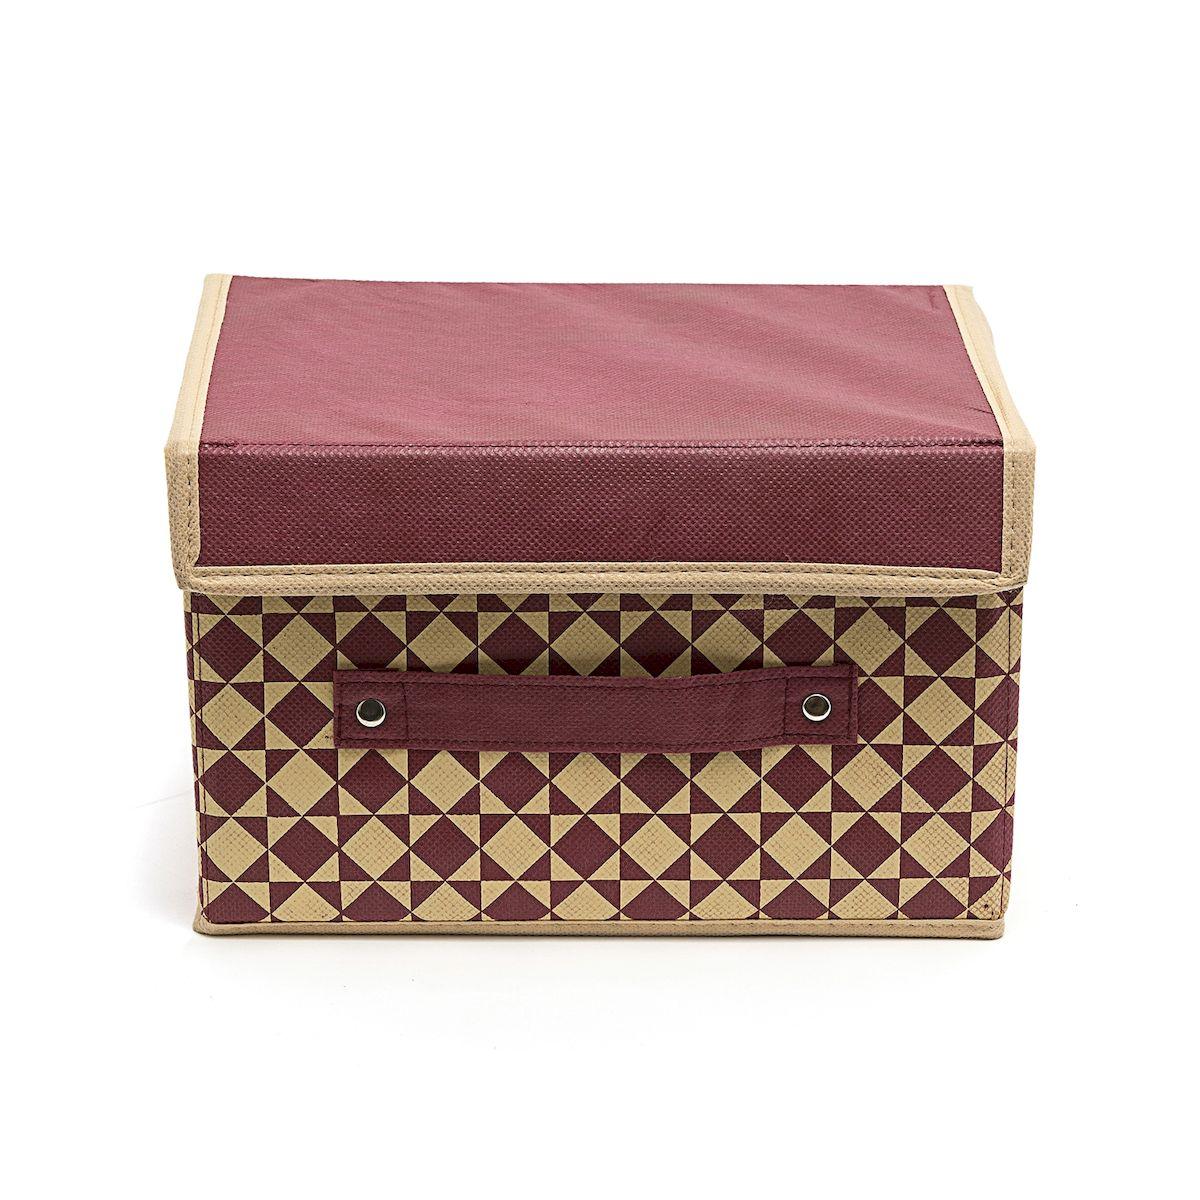 Коробка для хранения Homsu Bordo, 19 х 25 х 16 смHOM-395Вместительная коробка для хранения Homsu Bordo выполнена из плотного картона. Изделие обладает удобным размером и привлекательным дизайном, выполненным в приятной цветовой гамме. Внутри коробки можно хранить фотографии, ткани, принадлежности для хобби, памятные сувениры и многое другое. Крышка изделия удобно открывается и закрывается.Коробка для хранения Homsu Bordo станет незаменимой помощницей в путешествиях.